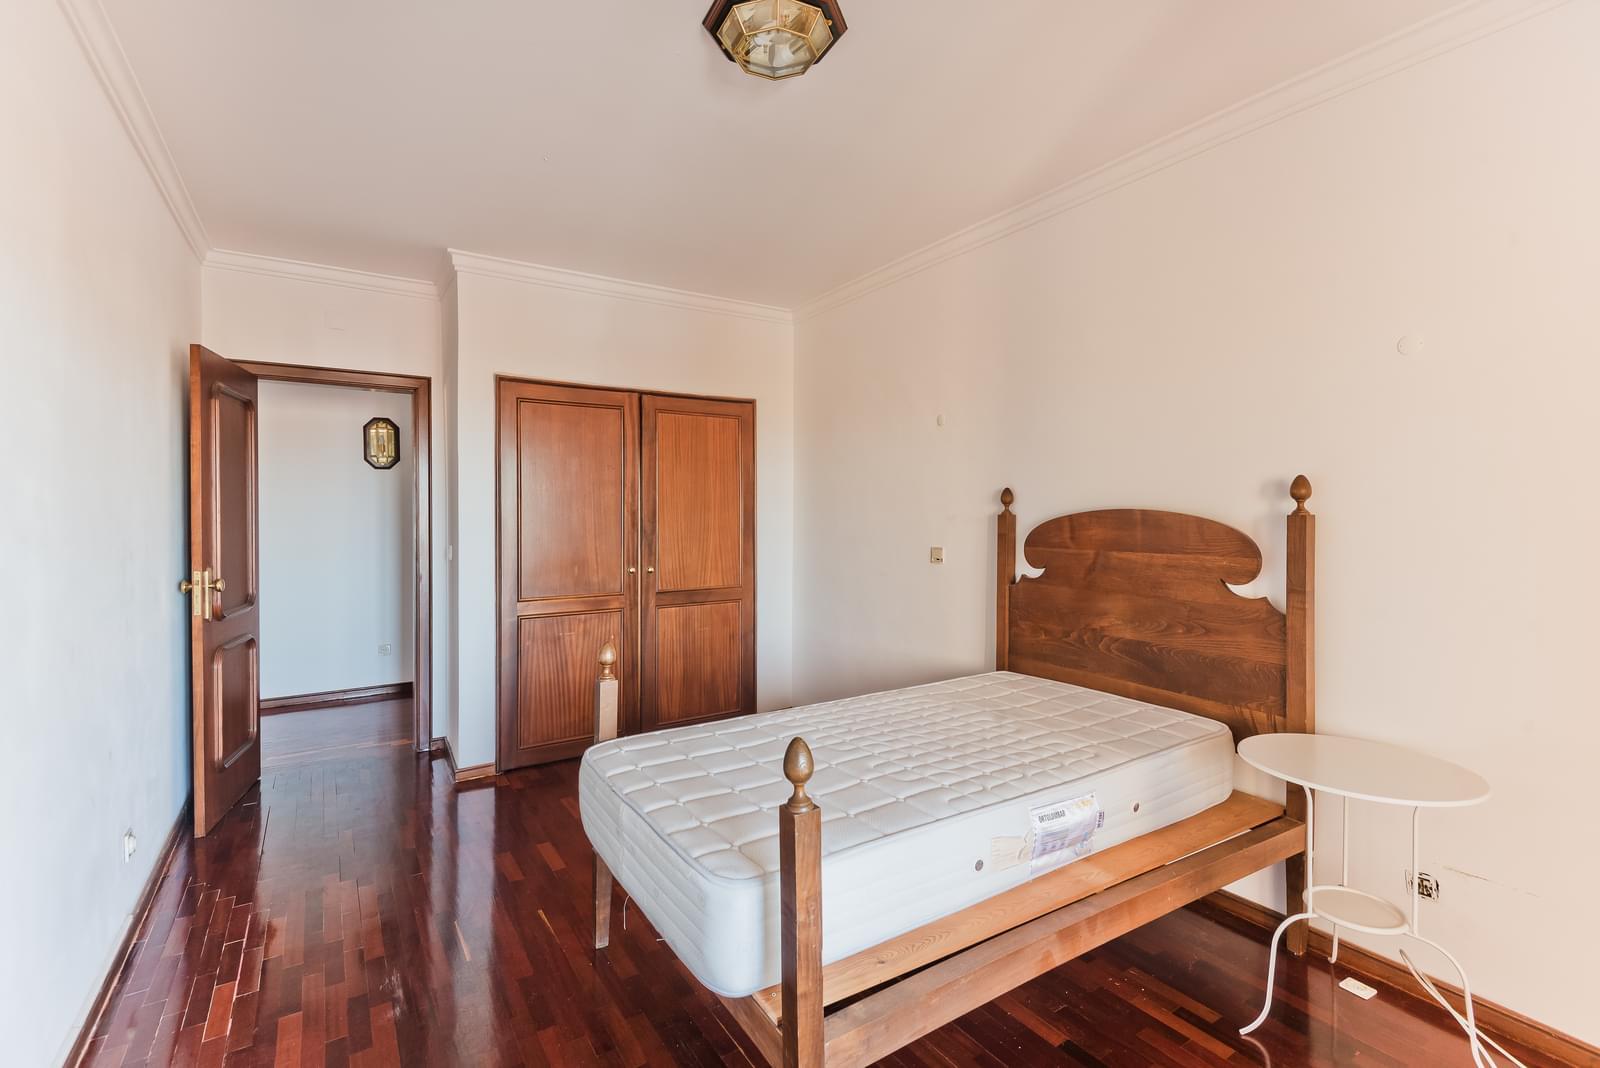 pf18730-apartamento-t2-cascais-10a1c0f4-6b51-4838-80cf-7b6784418455